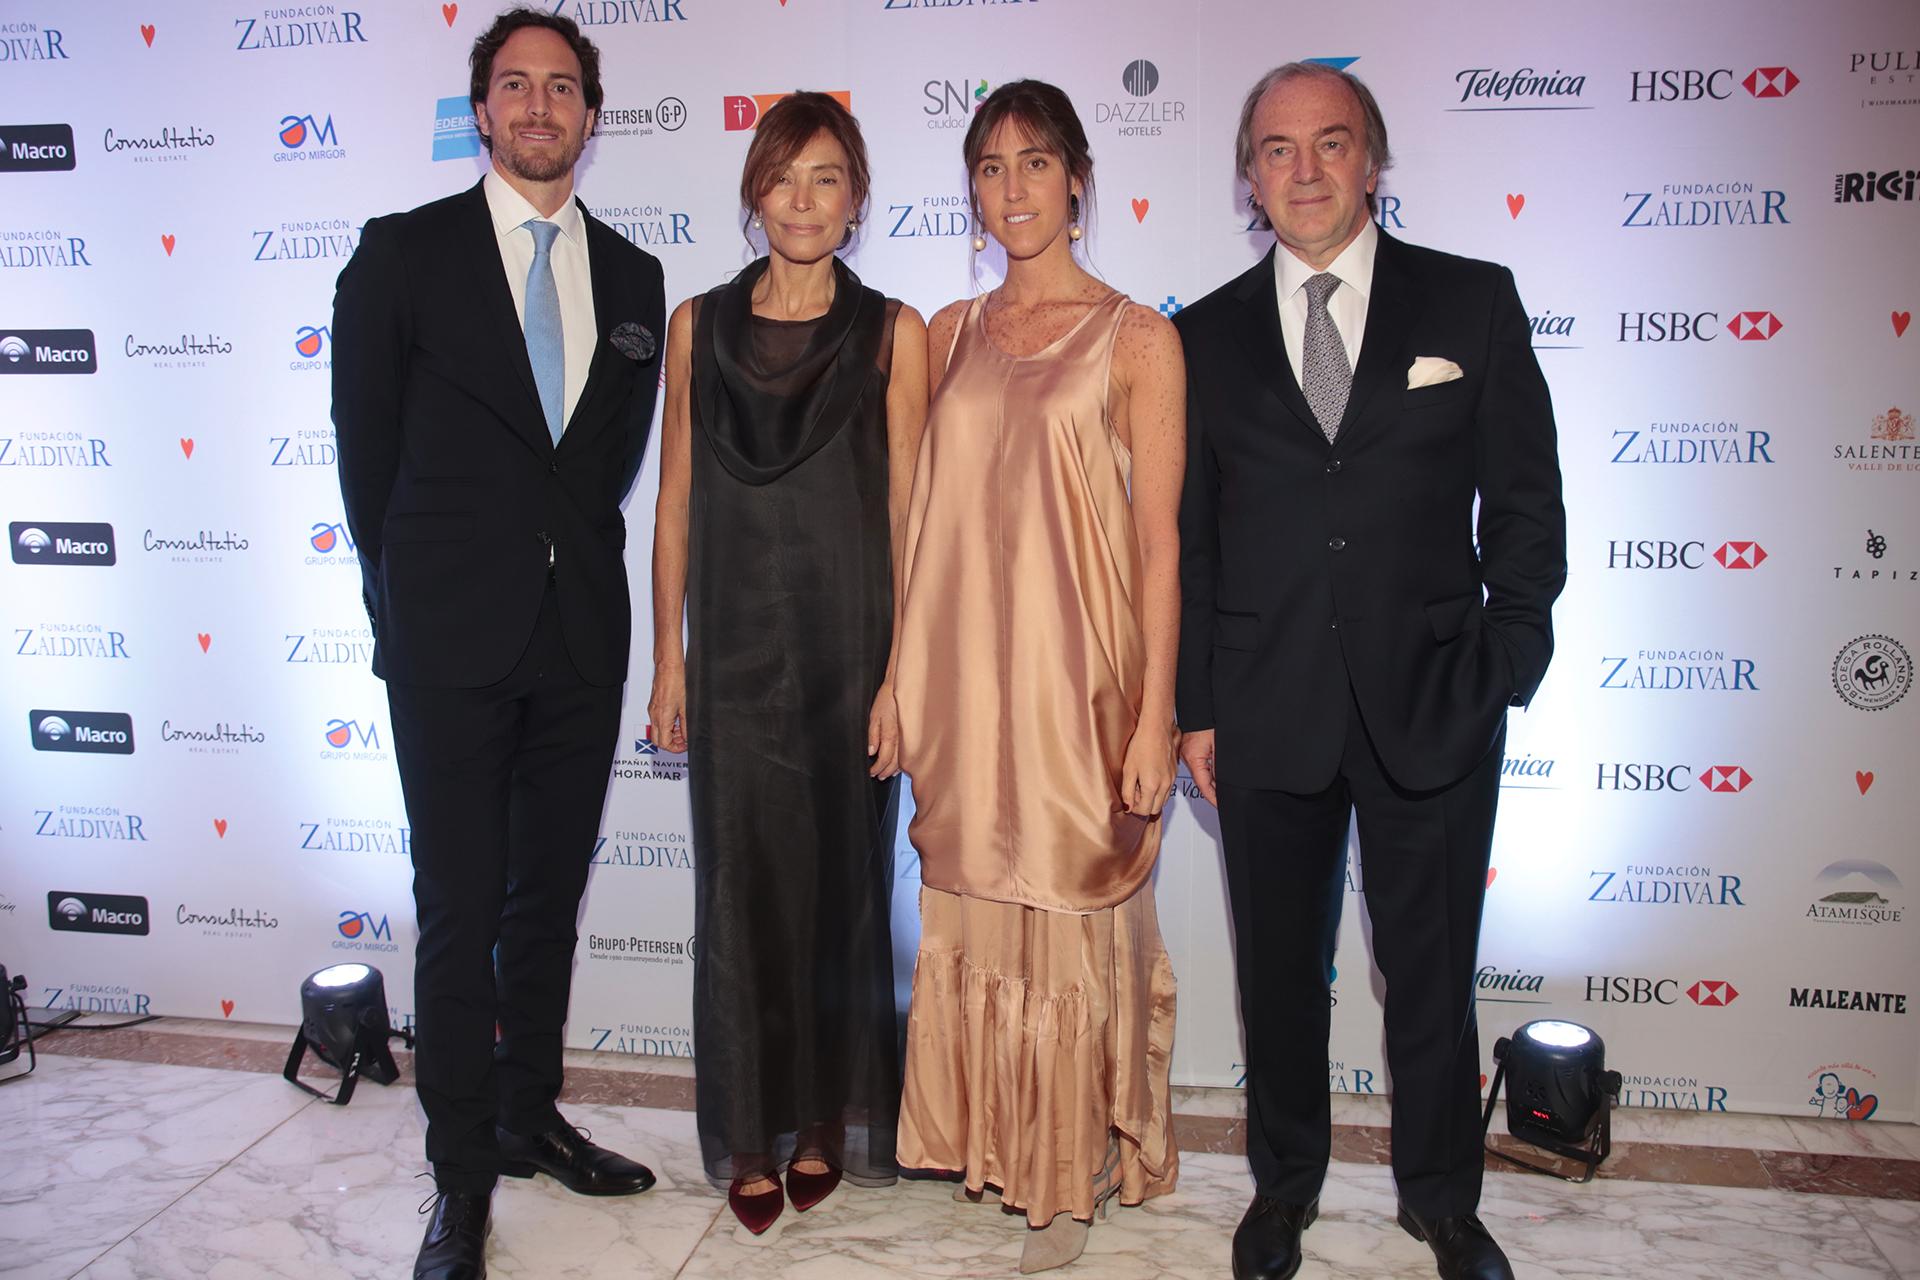 El prestigioso oftalmólogo Roberto Zaldivar (derecha) y su esposa Estela junto a sus hijos Mercedes y Roger Zaldivar, presidente de la Fundación, recibieron a los invitados a la gala, que se llevó a cabo en el Alvear Palace Hotel